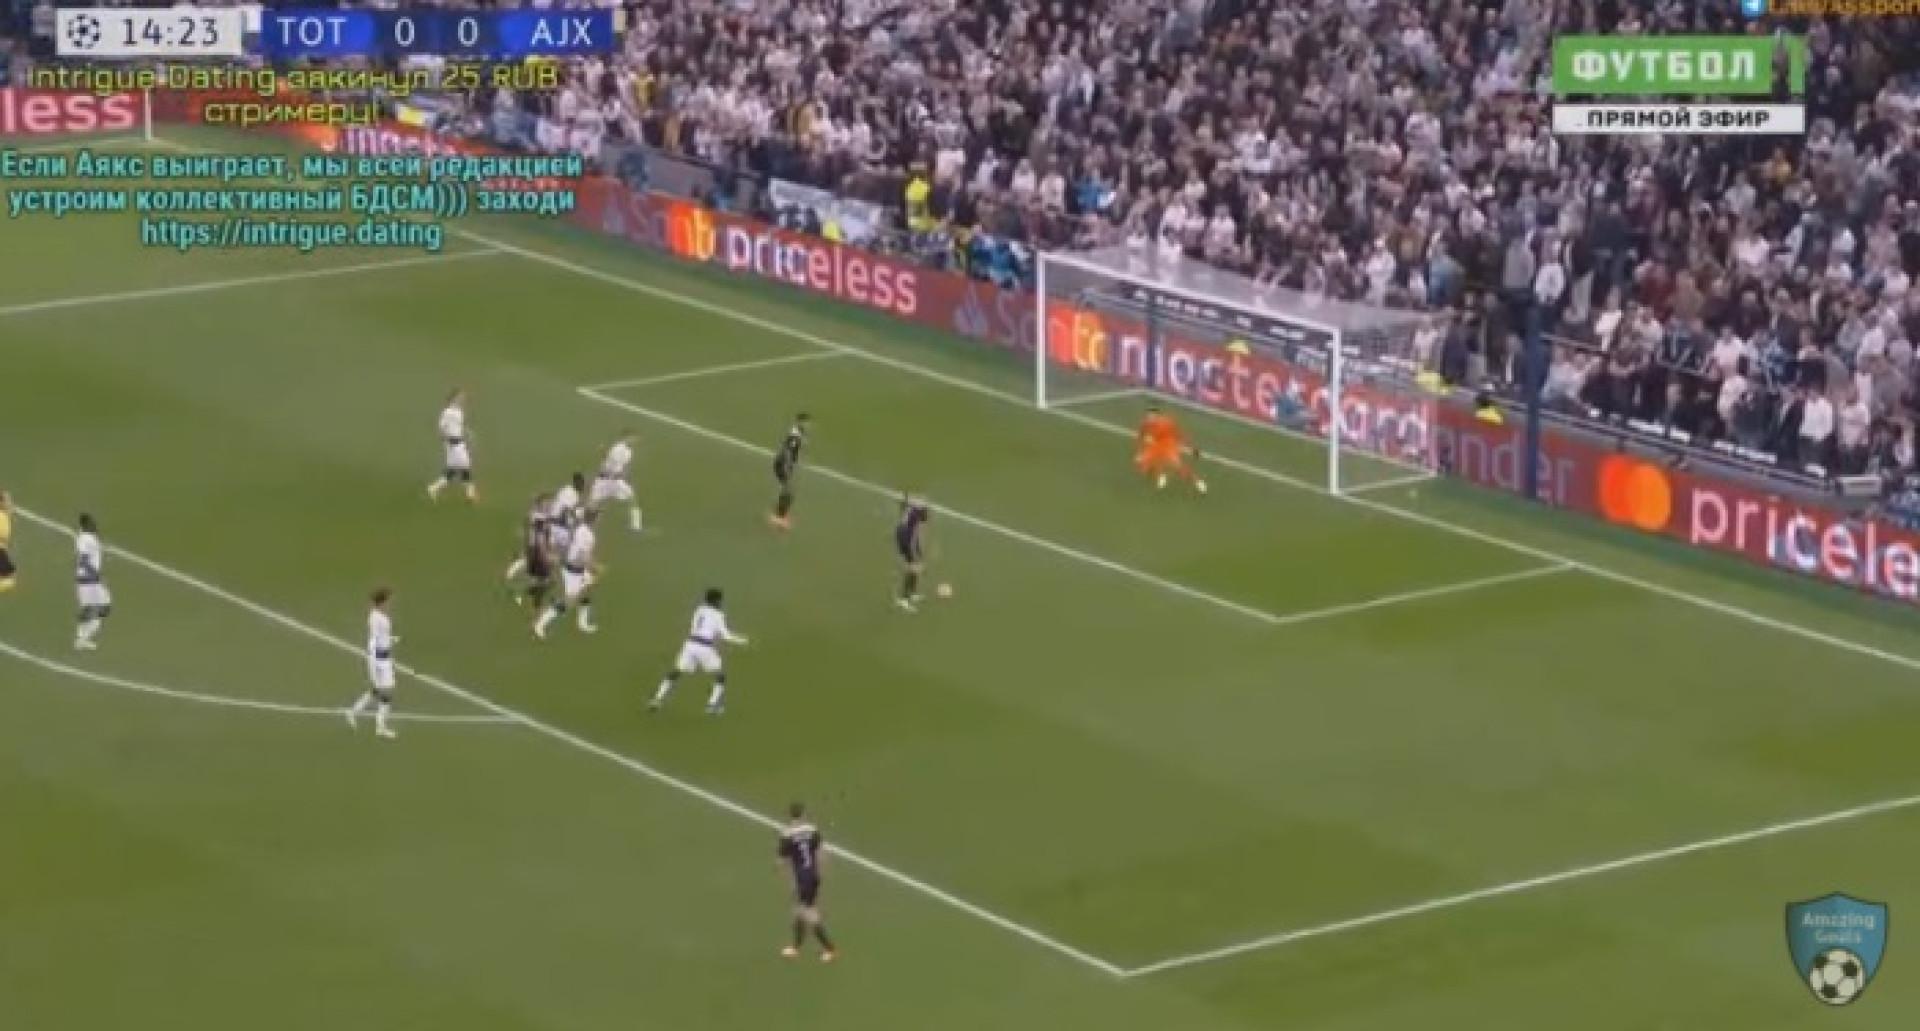 Foi assim que o Ajax deixou o estádio do Tottenham em silêncio absoluto